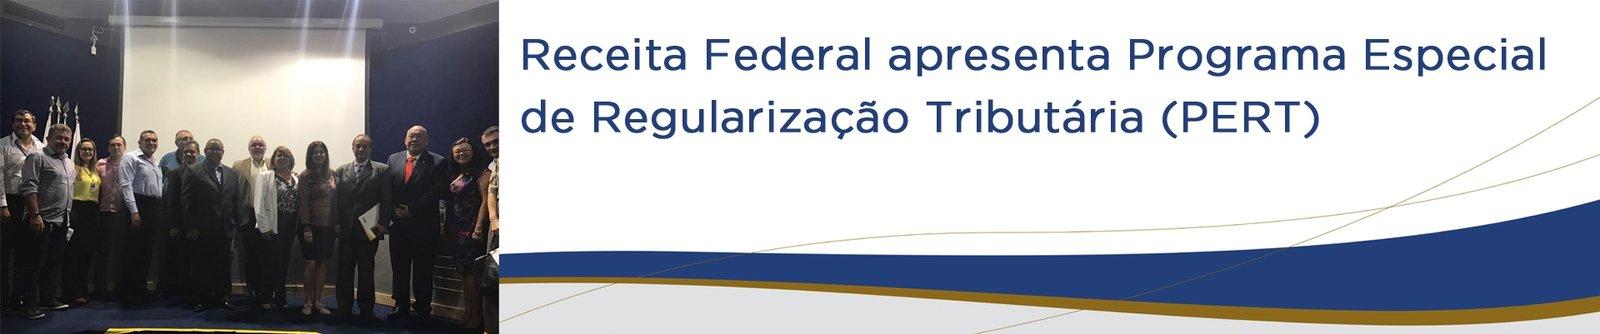 Receita Federal promove palestra sobre Programa Especial de Regularização Tributária (PERT)